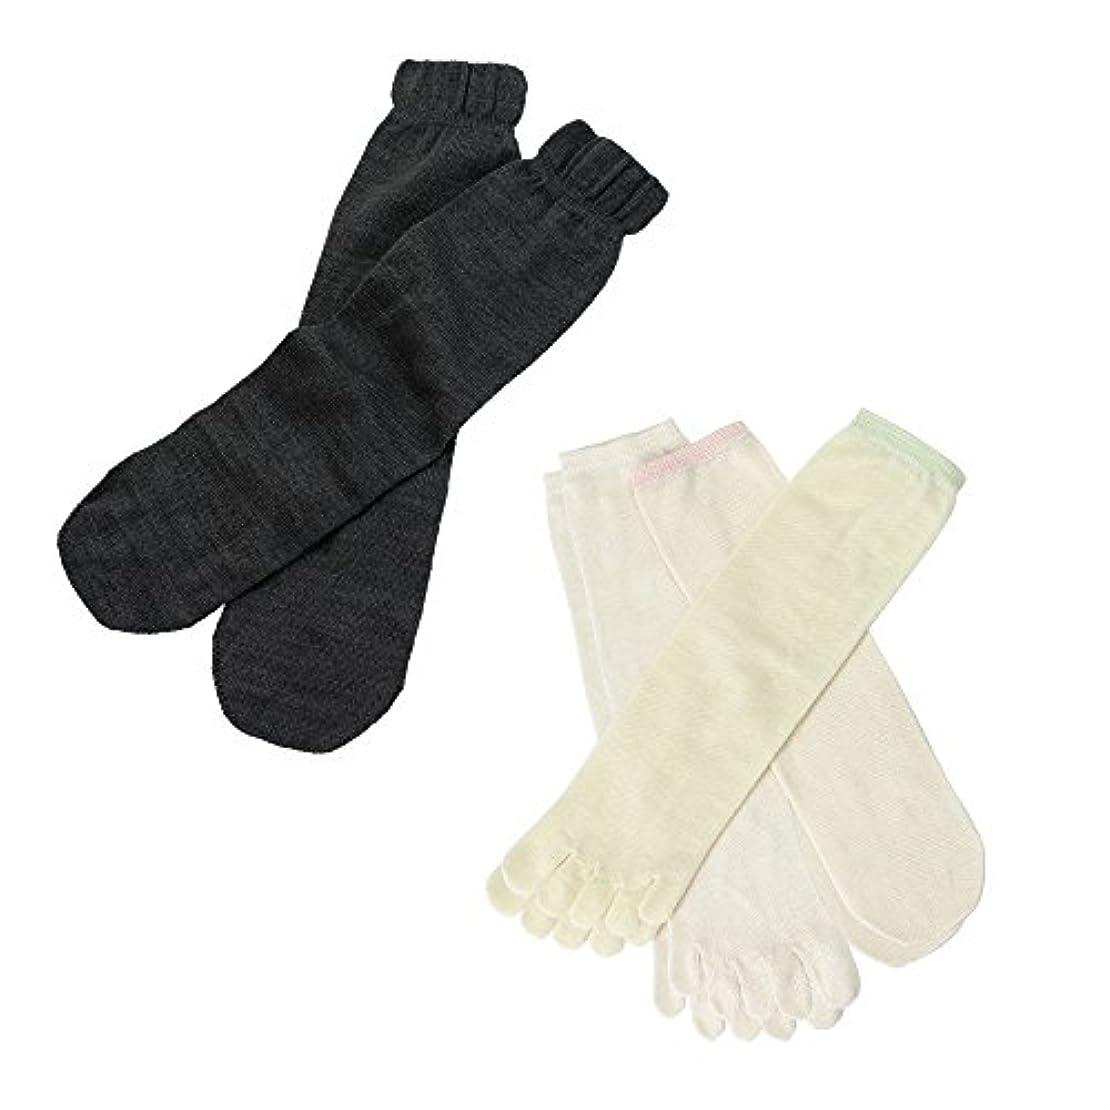 エチケット会計士はがきhiorie(ヒオリエ) 日本製 冷えとり靴下 シルク&ウール 5本指ソックス(重ねばき専用 4足セット) 正絹